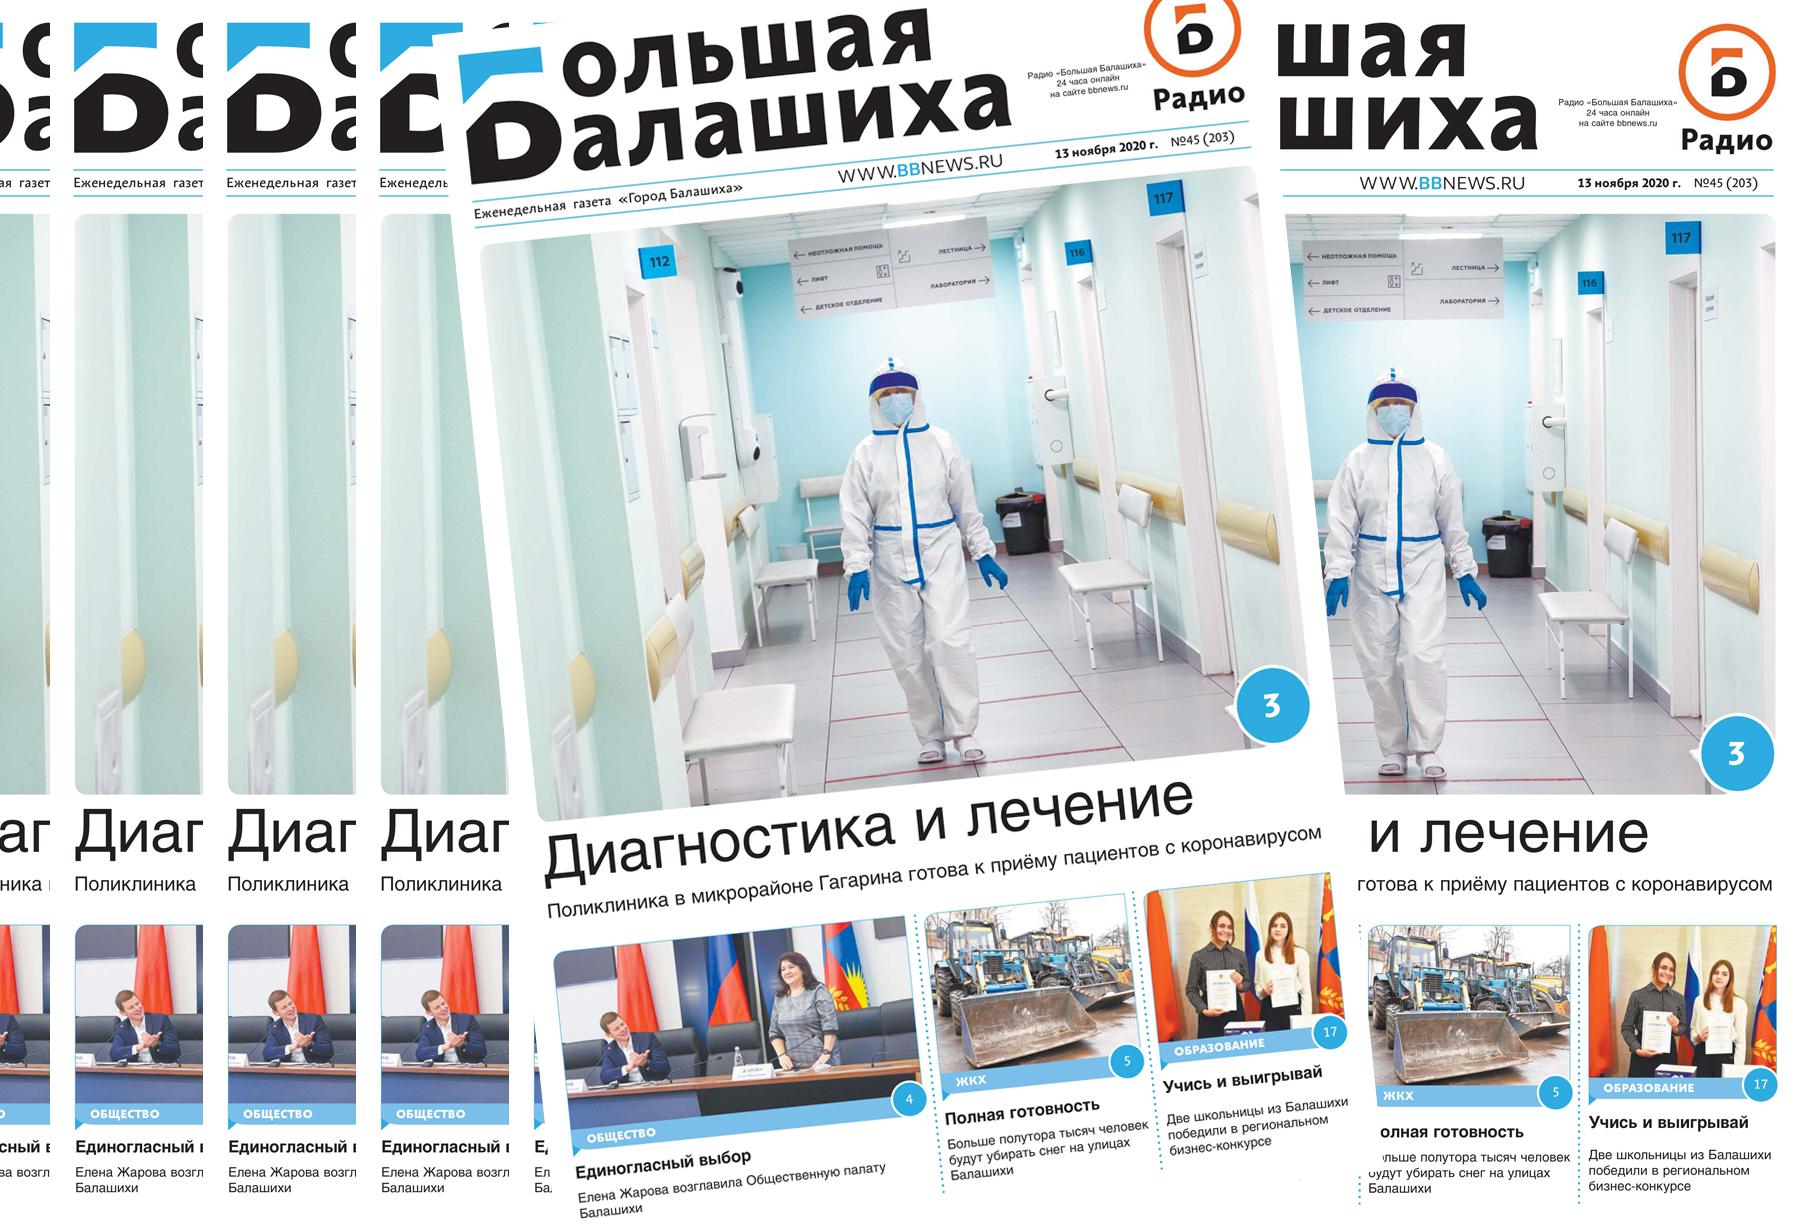 Вышла газета «Город Балашиха» №45 (203)